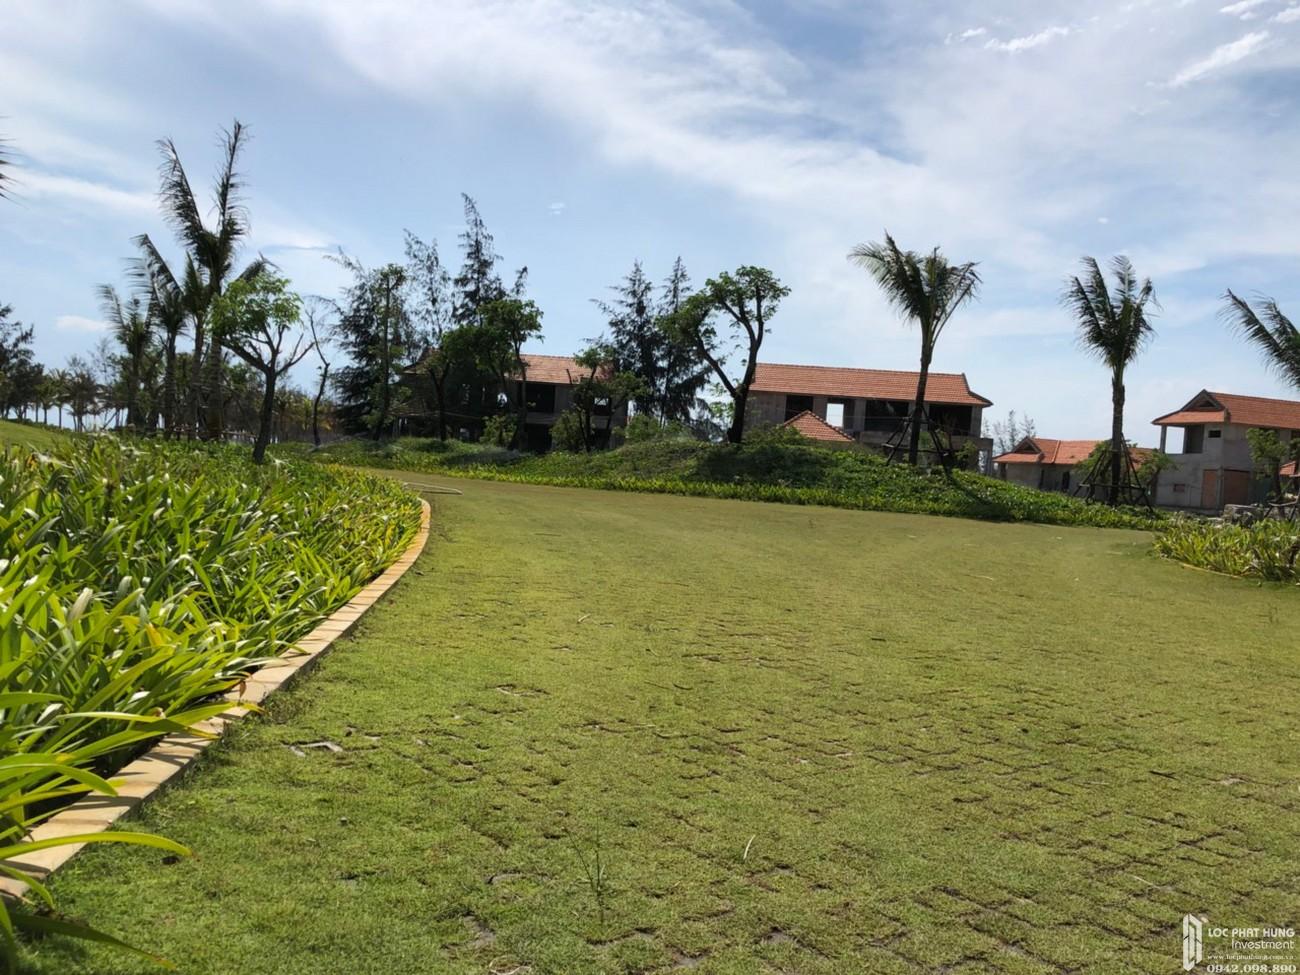 Tiến độ dự án căn hộ nhà phố, biệt thự, condotel Thanh Long Bay 15/05/2020 Xã Tân Thành chủ đầu tư Nam Group